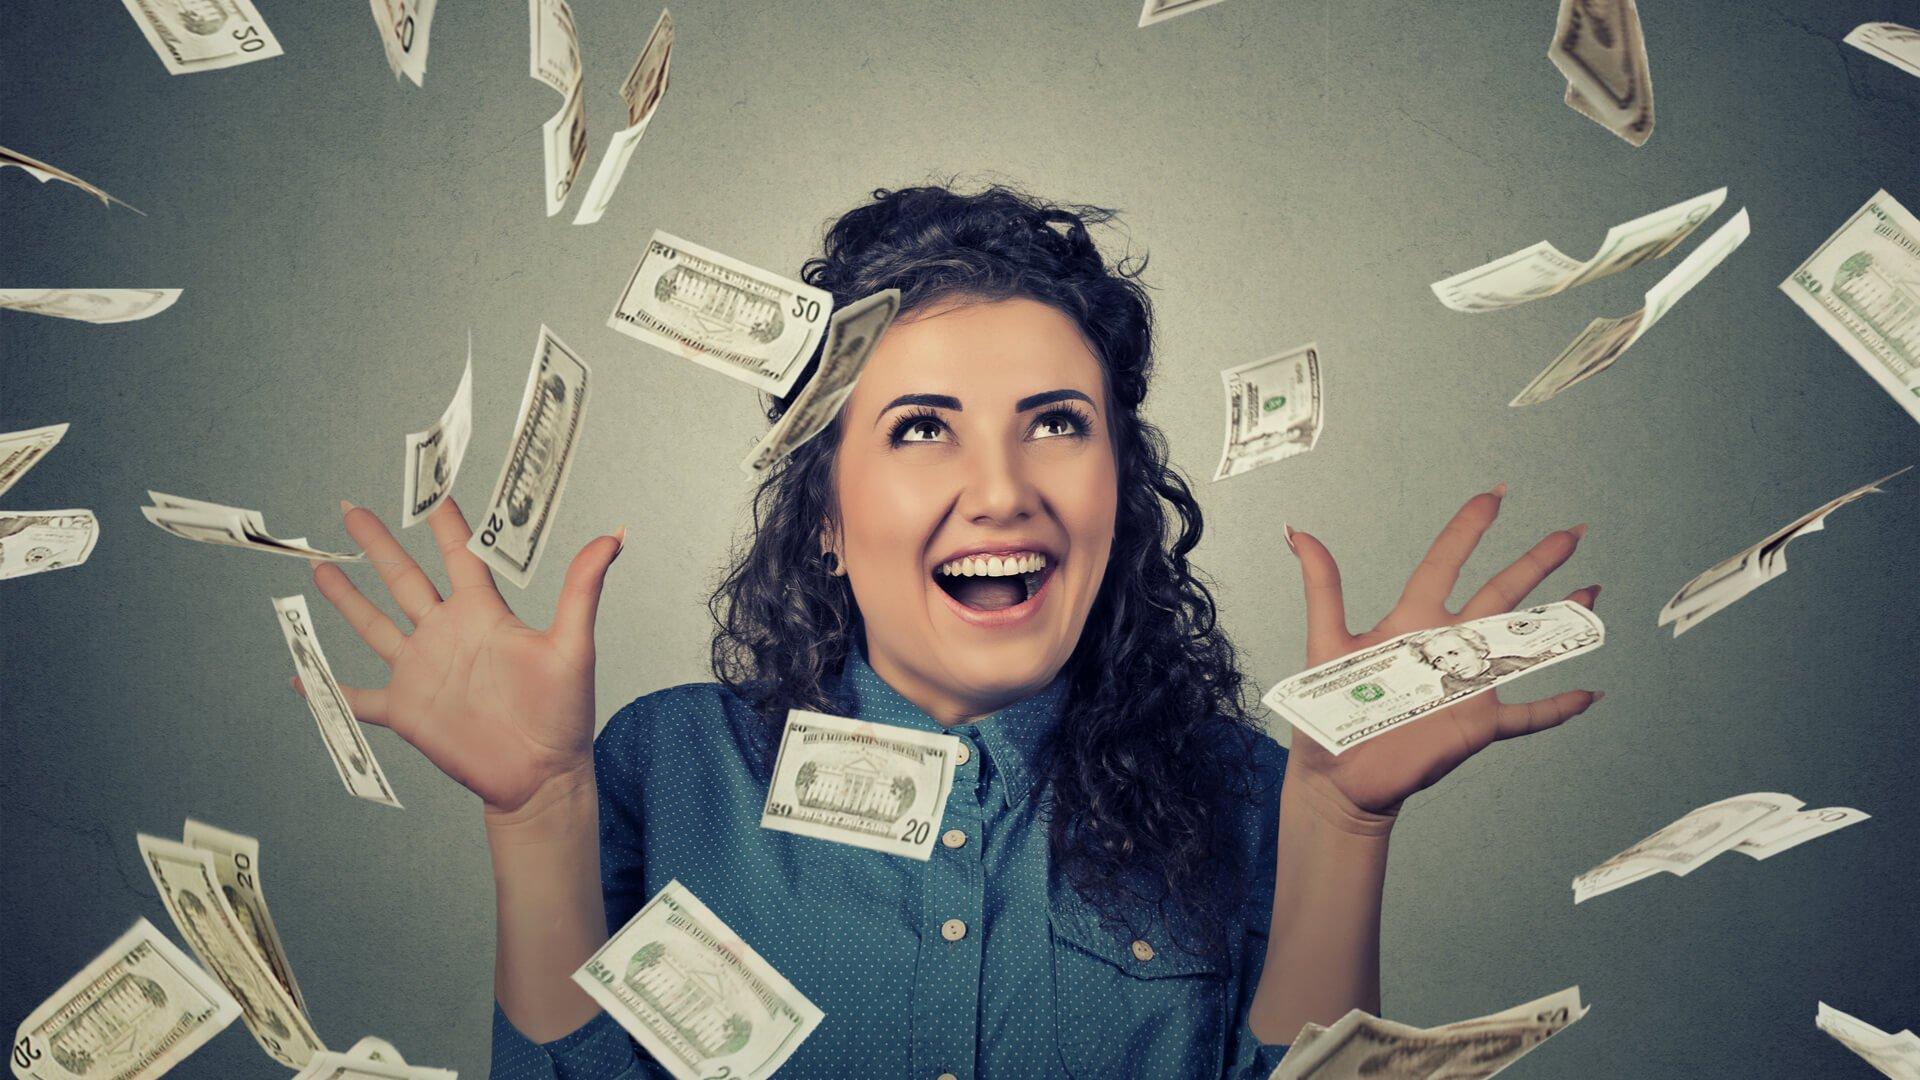 Cum sa faci bani - personal finance 5